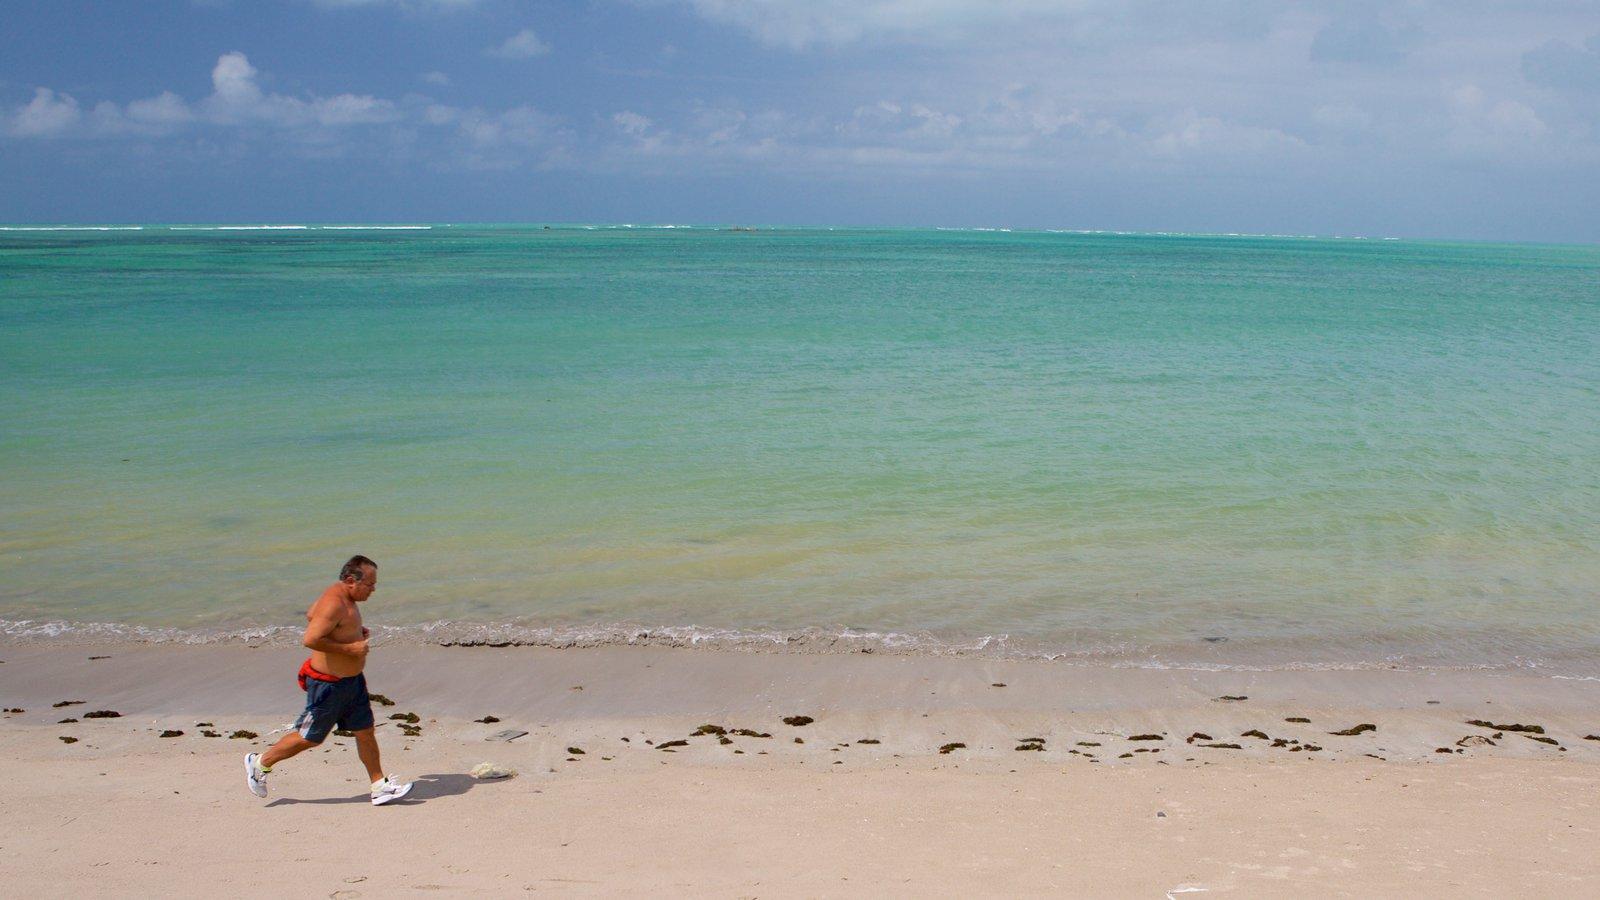 Praia de Ponta Verde mostrando paisagens litorâneas e uma praia de areia assim como um homem sozinho